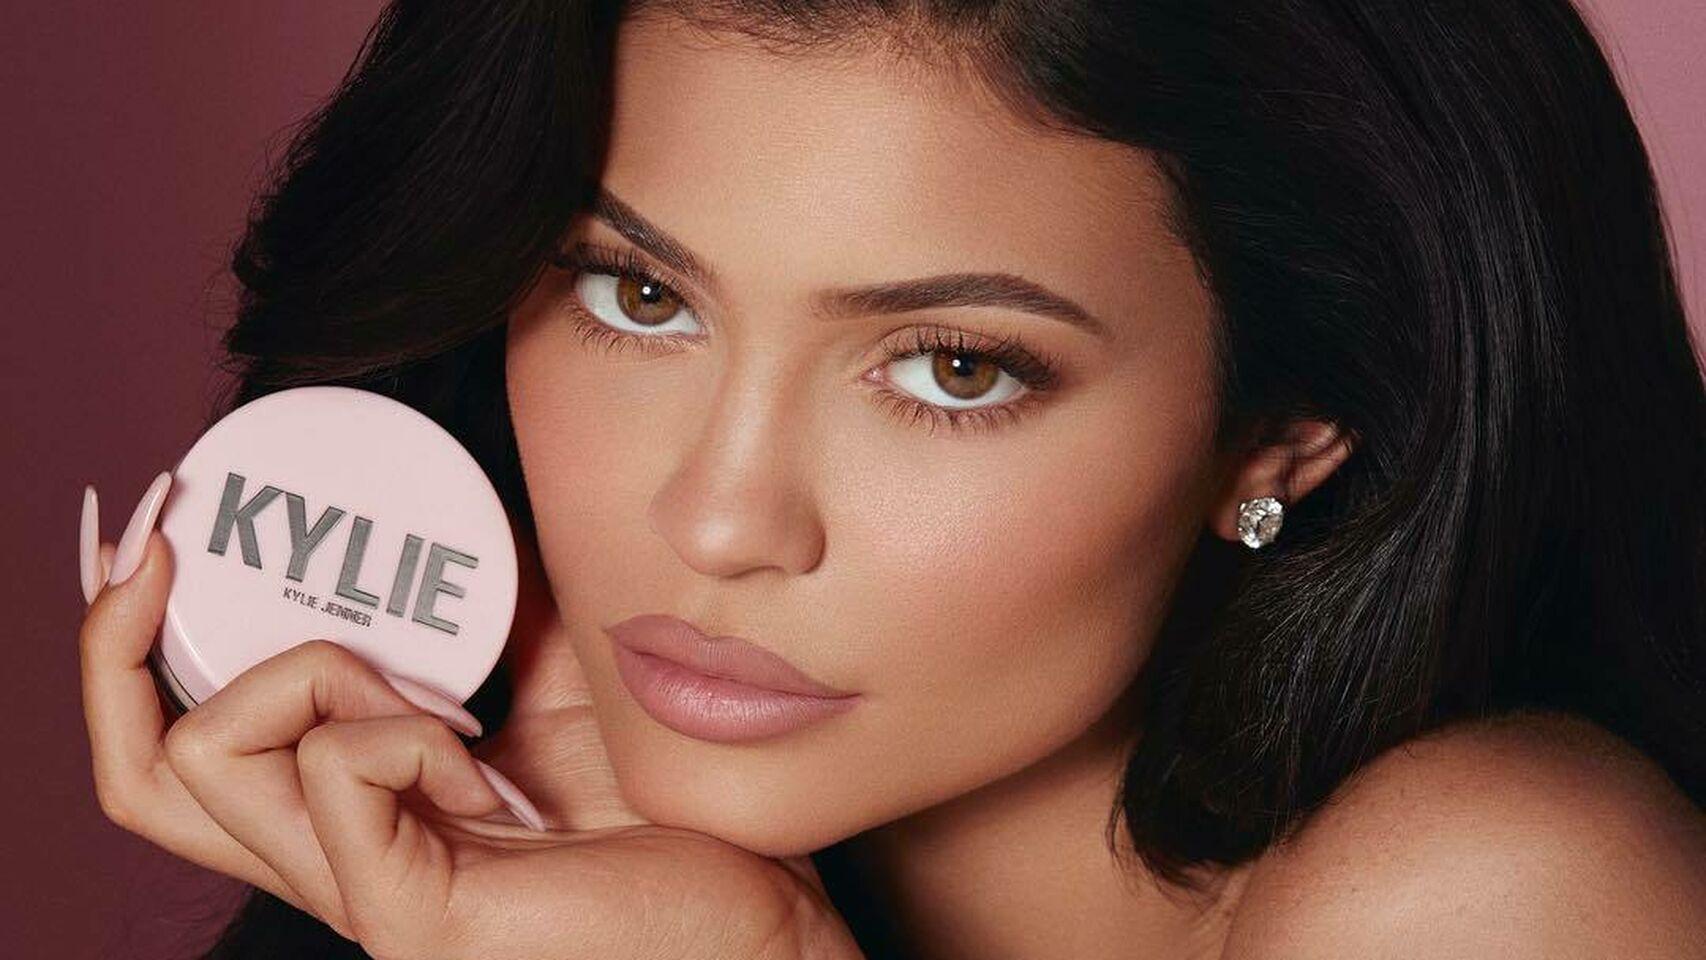 Kylie Jenner no es la millonaria que dice ser, Forbes la desmiente